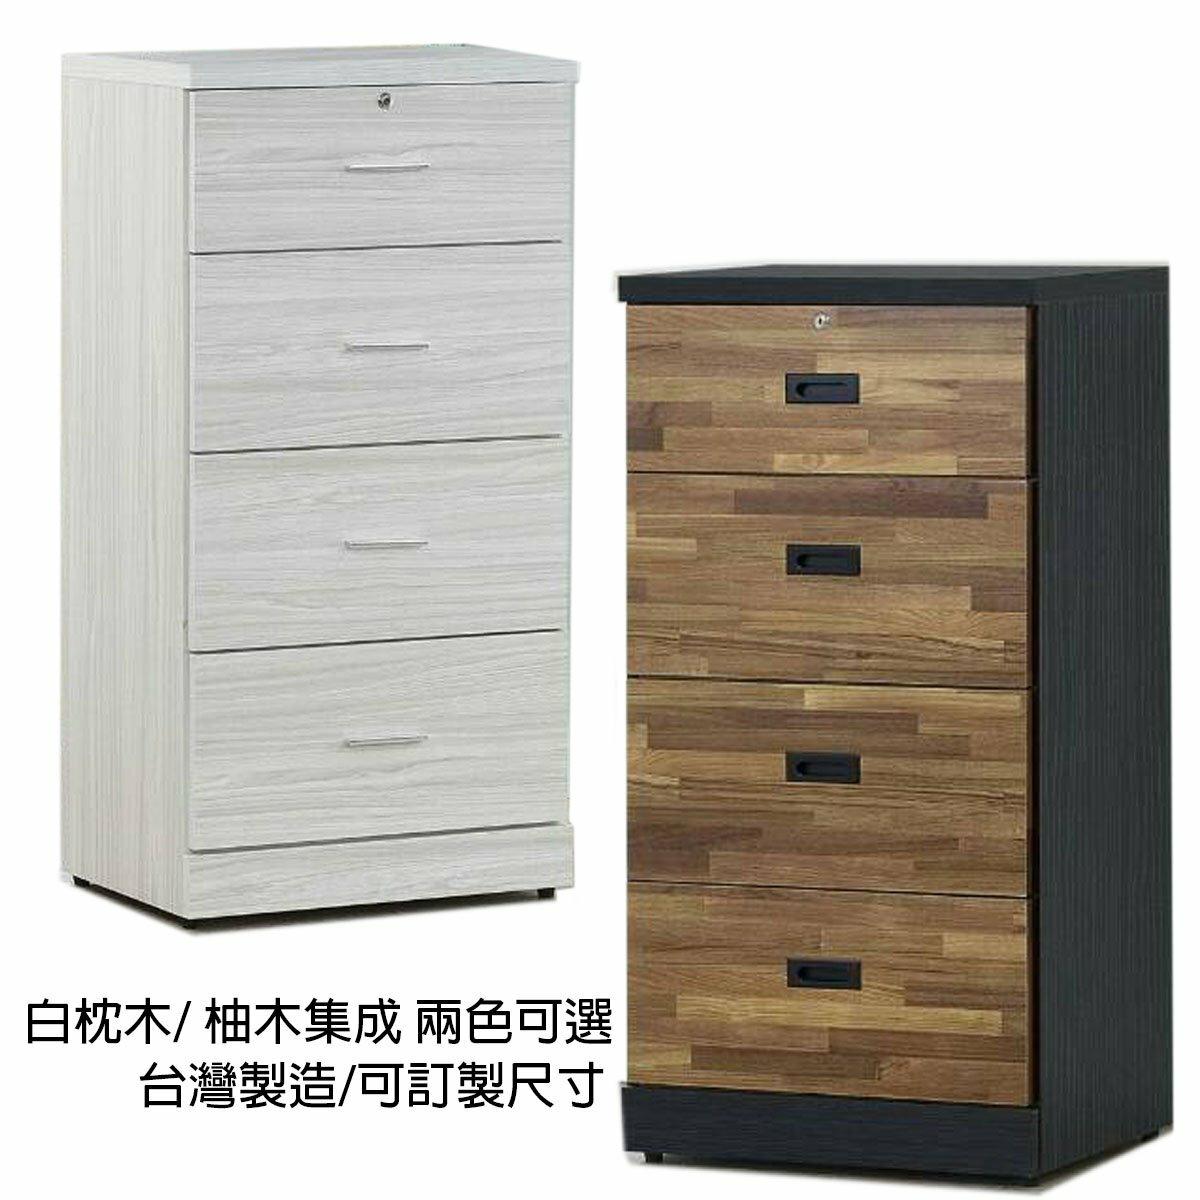 【石川家居】GH-A158 黑配柚木集成2尺四斗櫃 可定尺寸 台灣製造 (不含其他商品) 台北到高雄滿三千搭配車趟免運